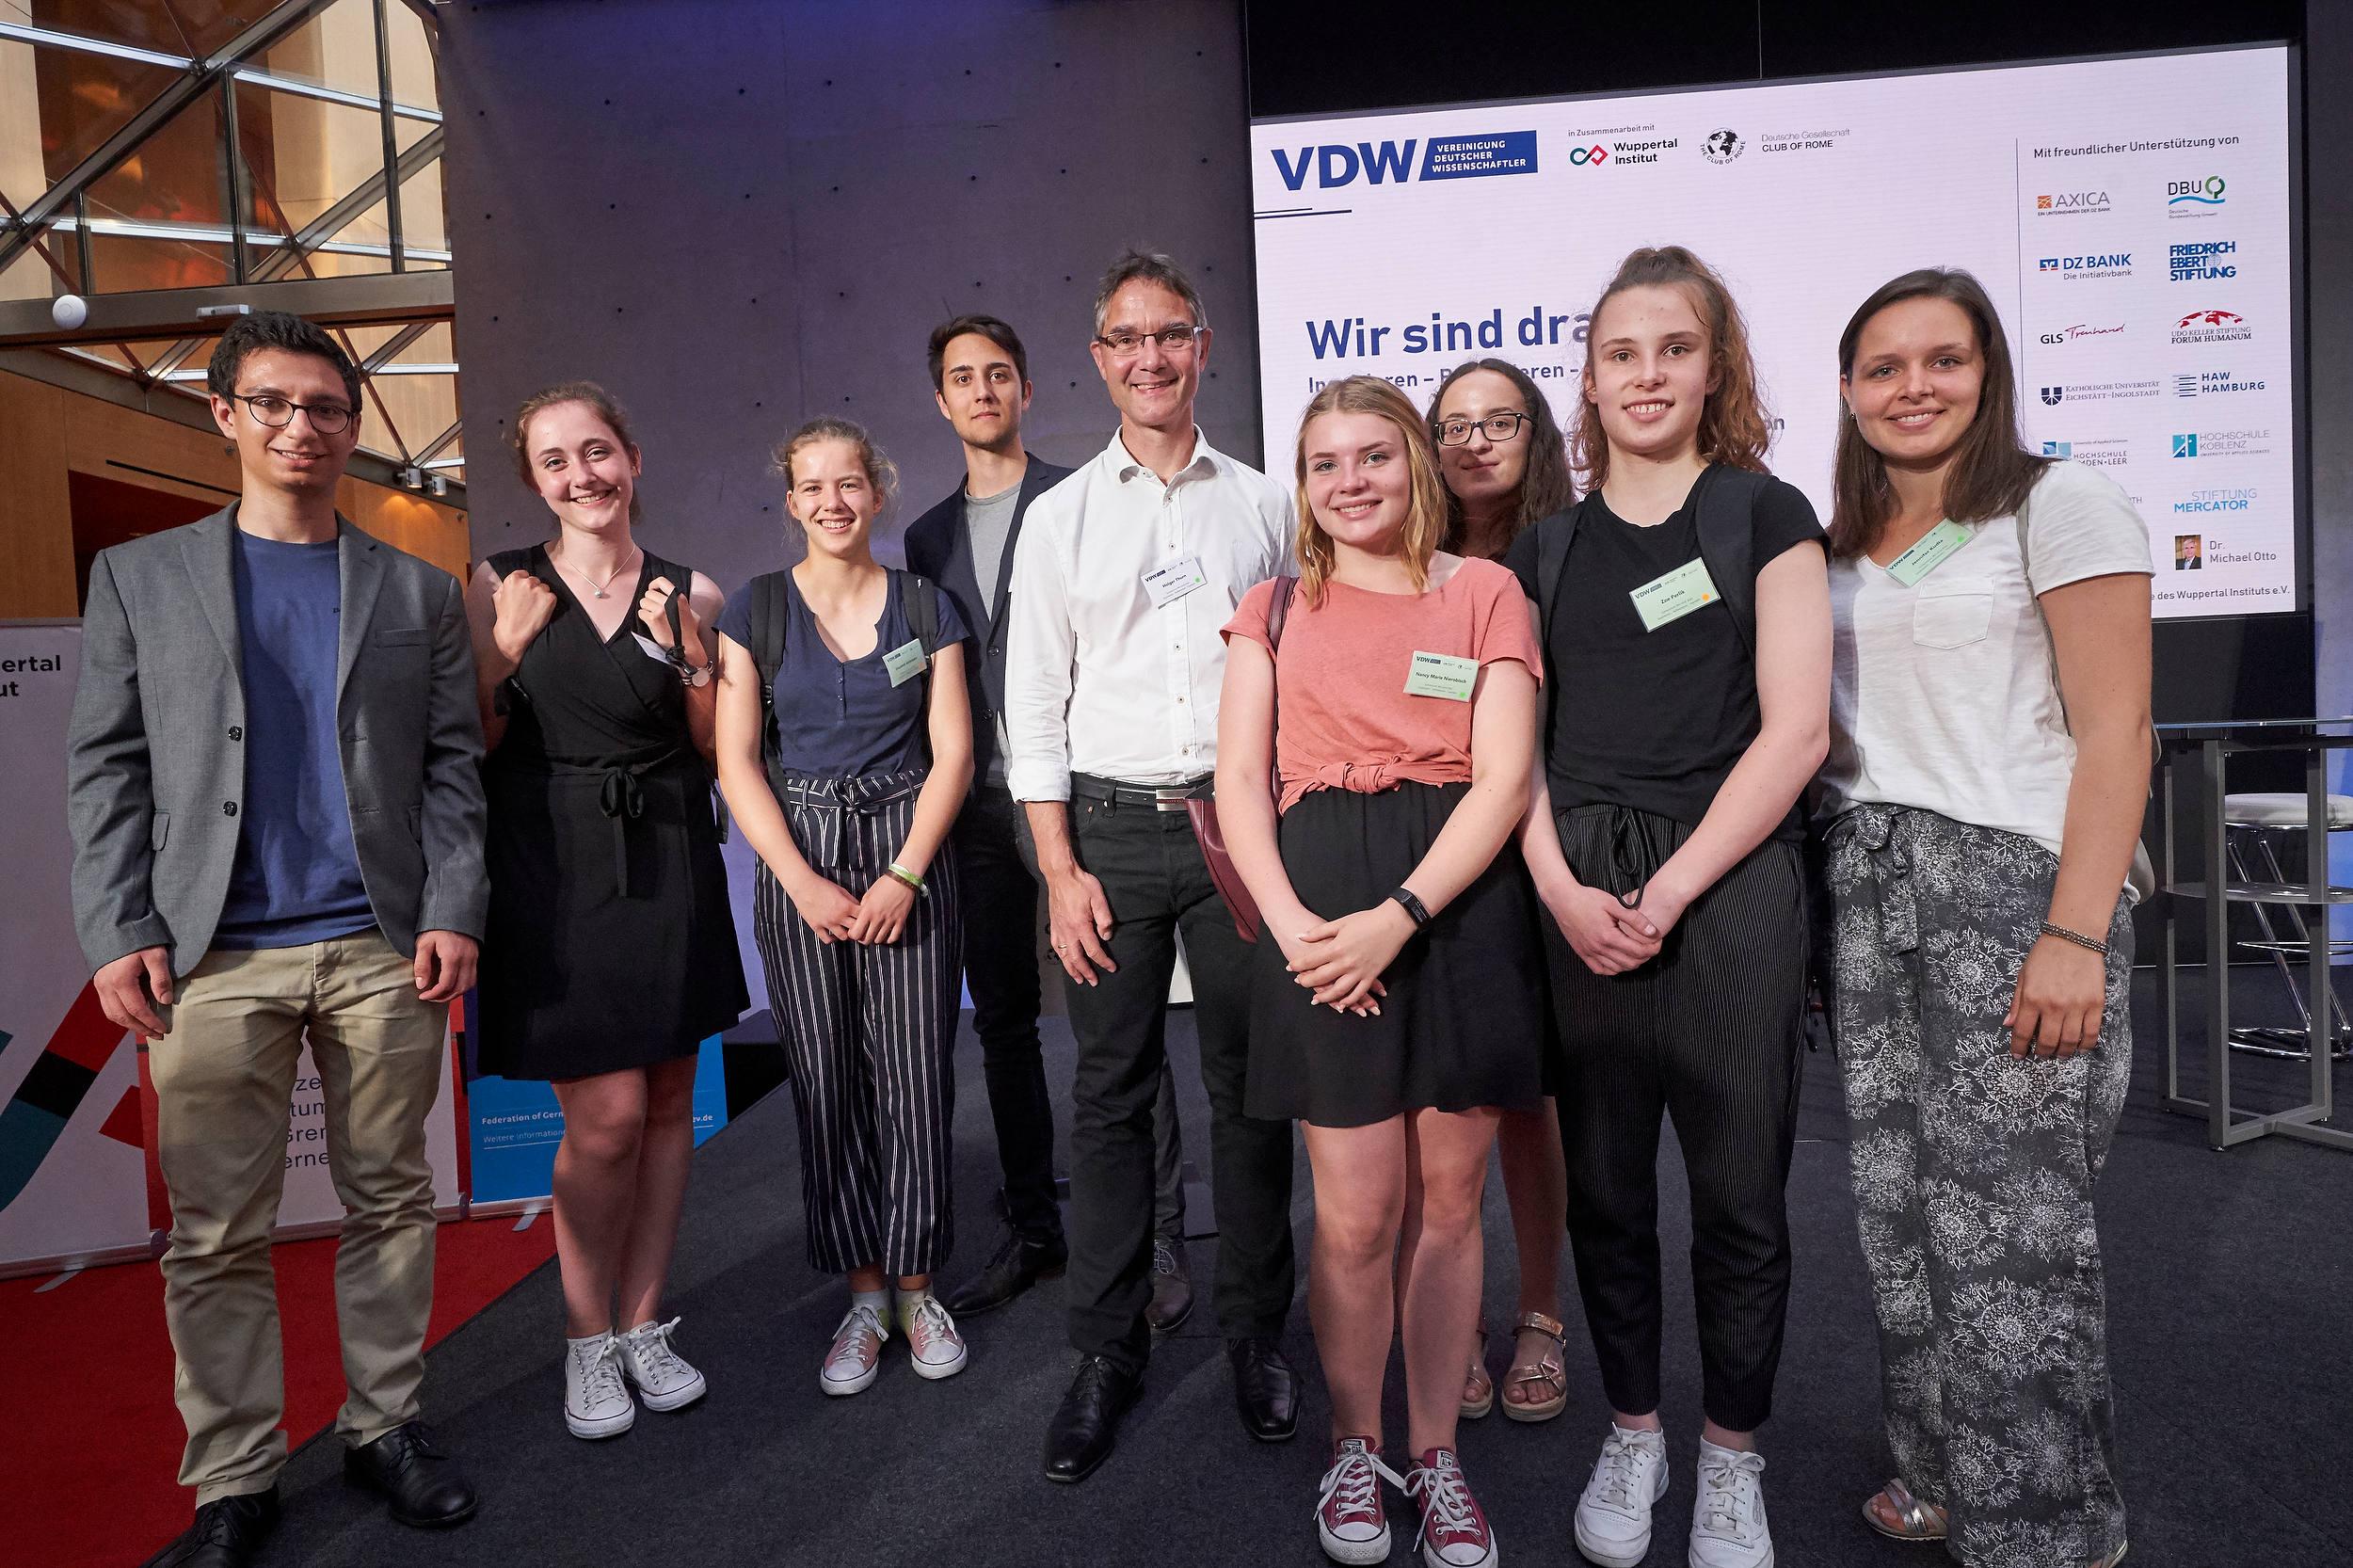 VDW-Symposium in Berlin mit einem gemeinsamen Ziel: Eine bessere Welt.